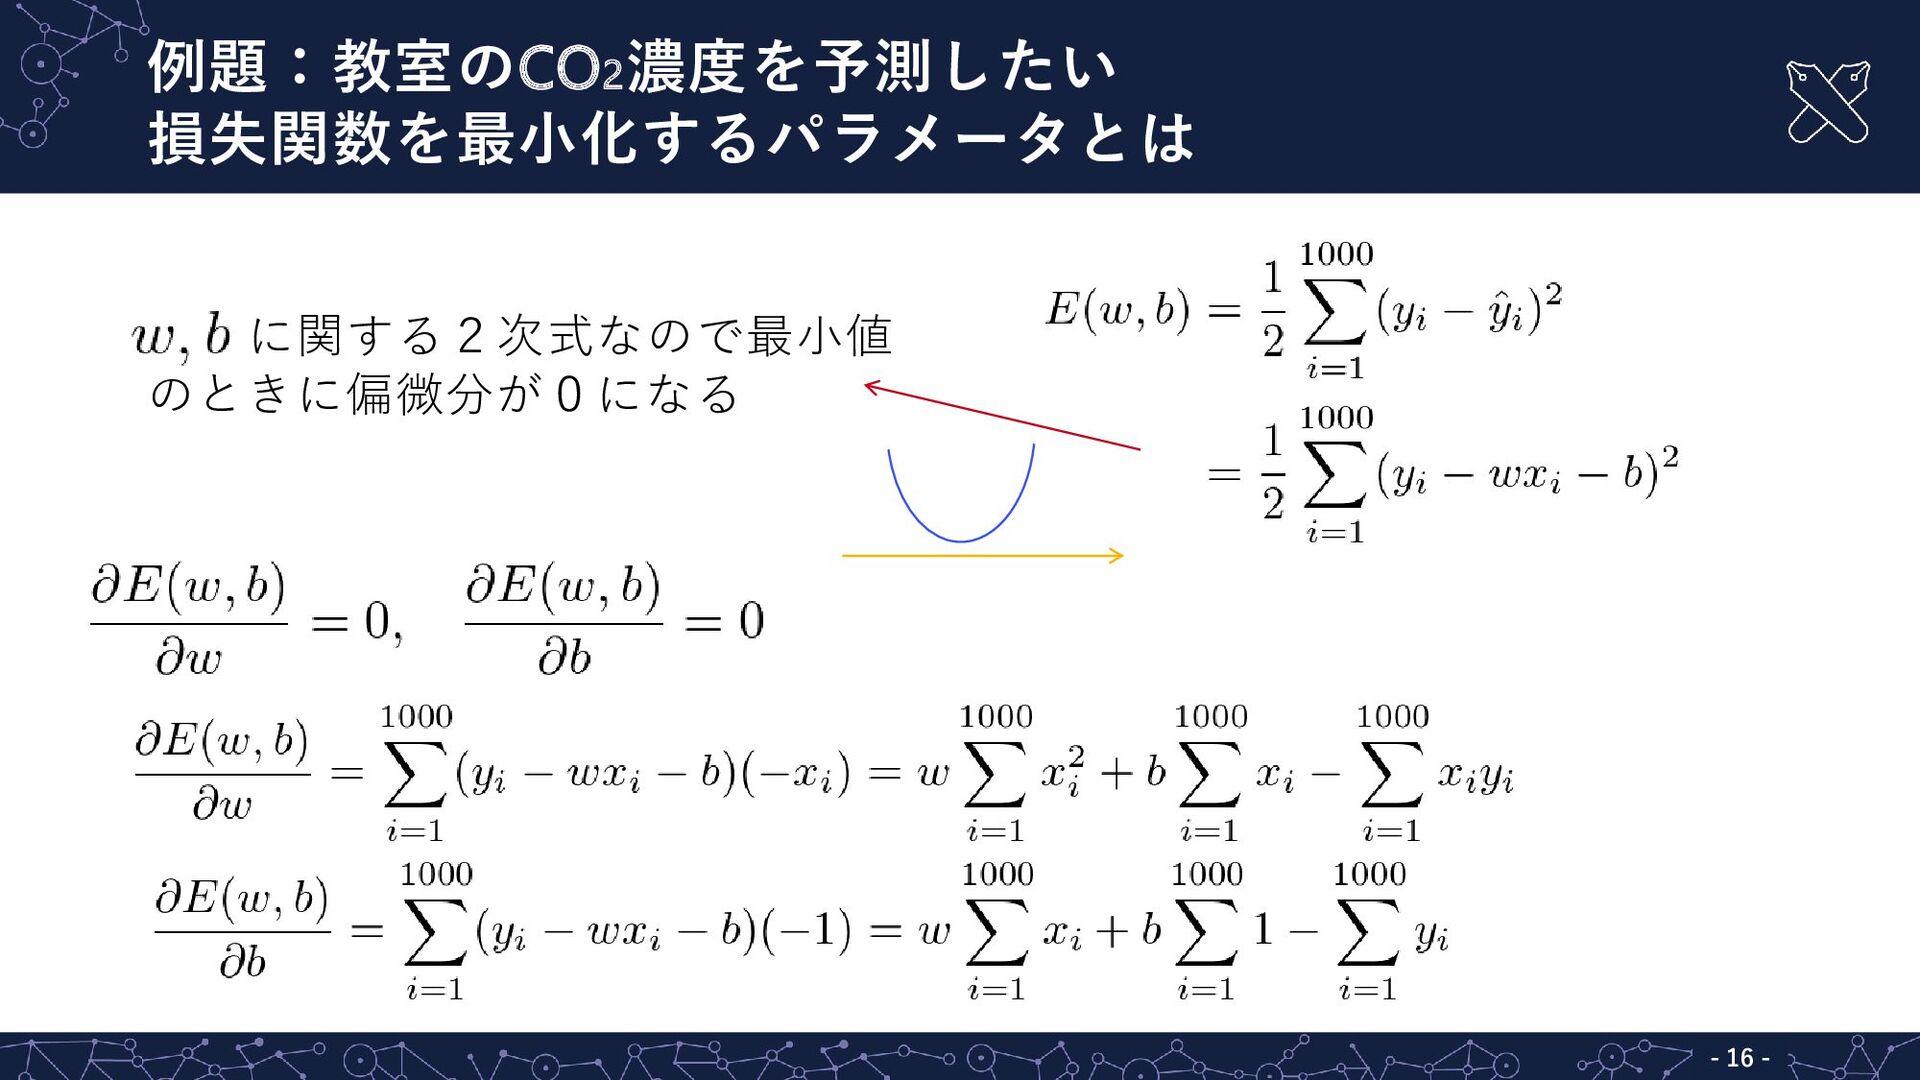 例題:教室のCO2濃度を予測したい 損失関数を最小化するパラメータとは に関する2次式なので、...